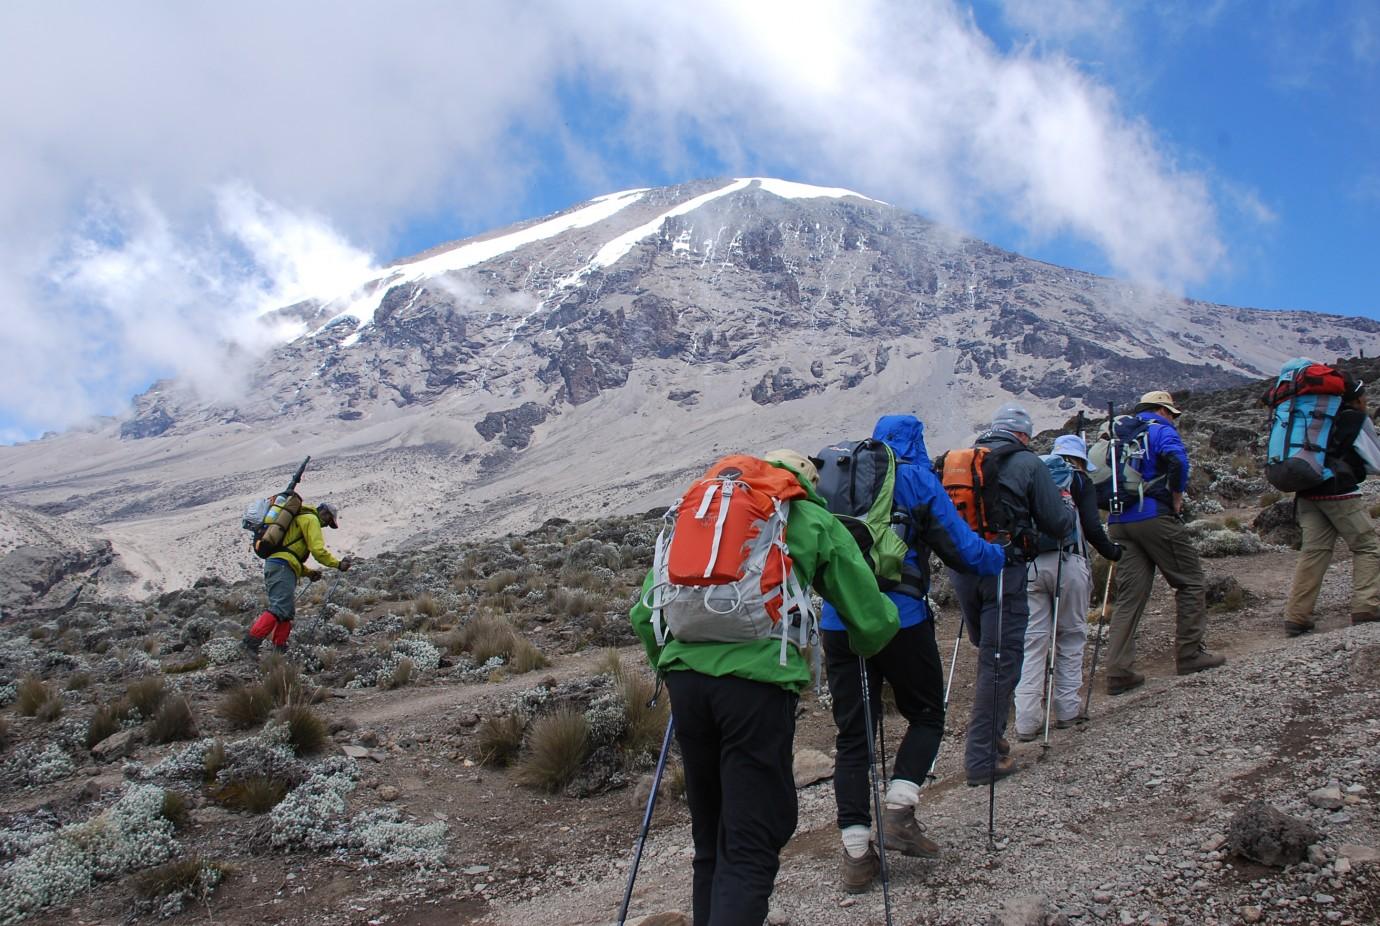 Kenya Road Sign >> Mt Kenya & Kilimanjaro - KE Adventure Travel